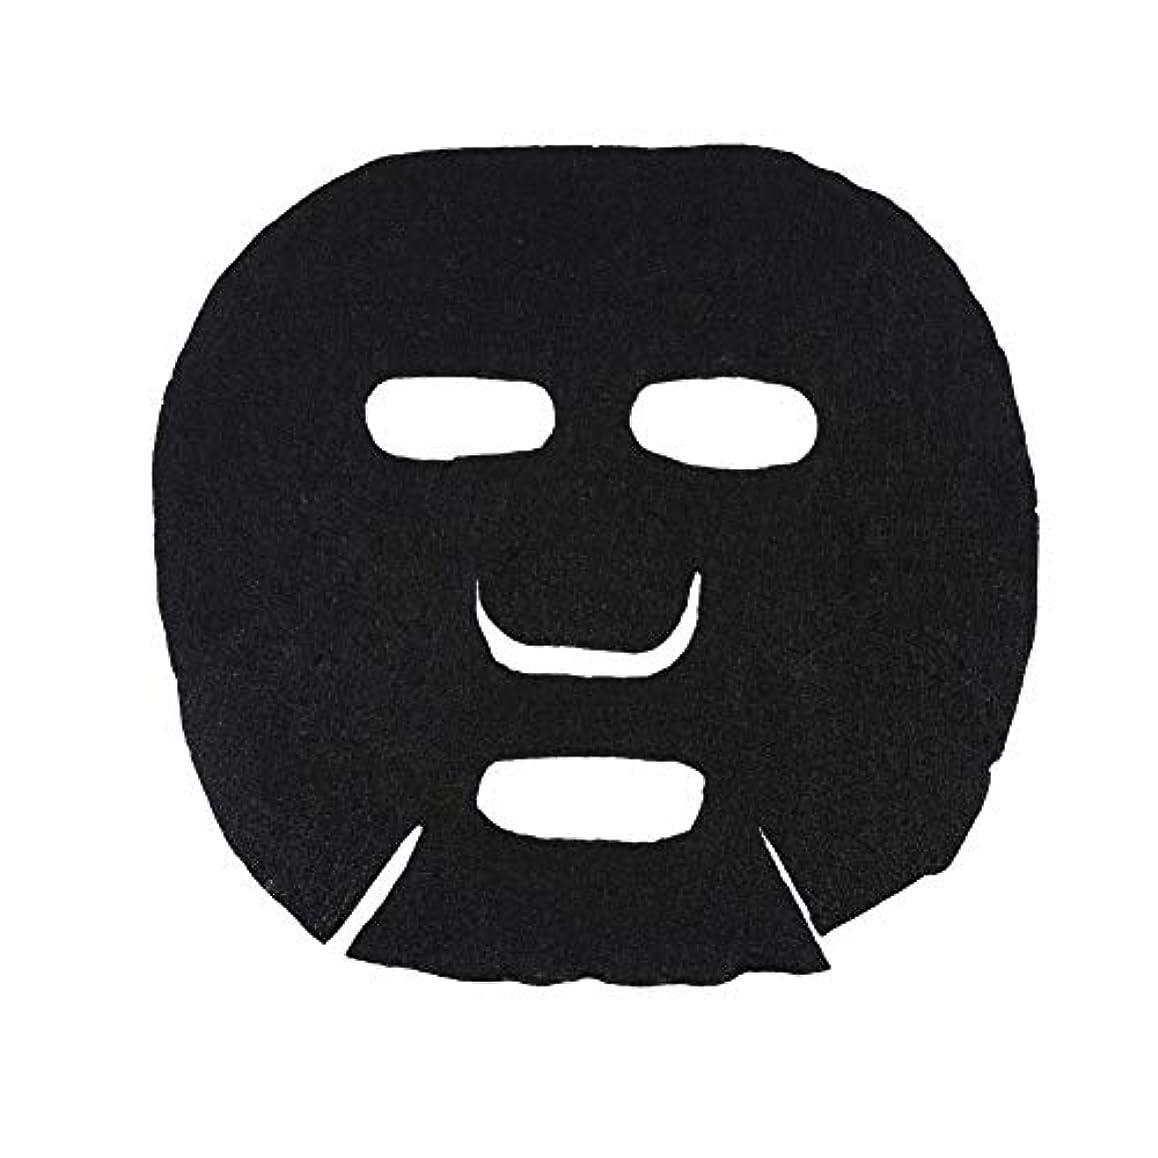 遅滞傷跡農業30Pcs / 40Pcsマスク紙、マスク紙綿、スキンフェイスケアDIYフェイシャルペーパーコンプレスマスクマスクナチュラルコットンスキンケアマスクDIYシートマスク(30pcs)